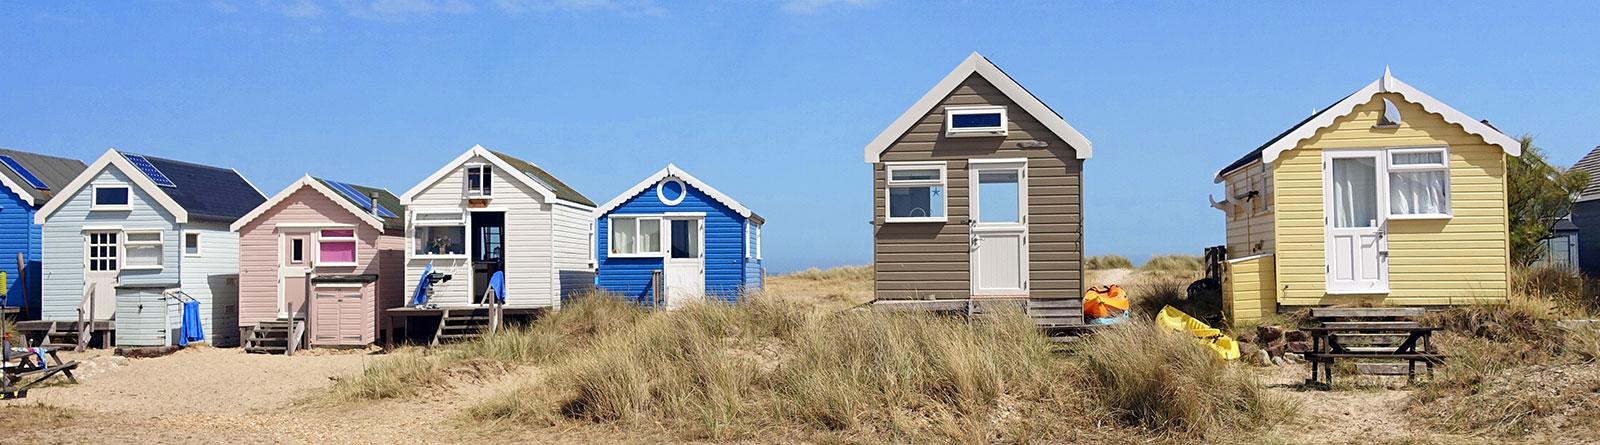 Beach huts in Mudeford Spit in Hengistbury Head, Bournemouth